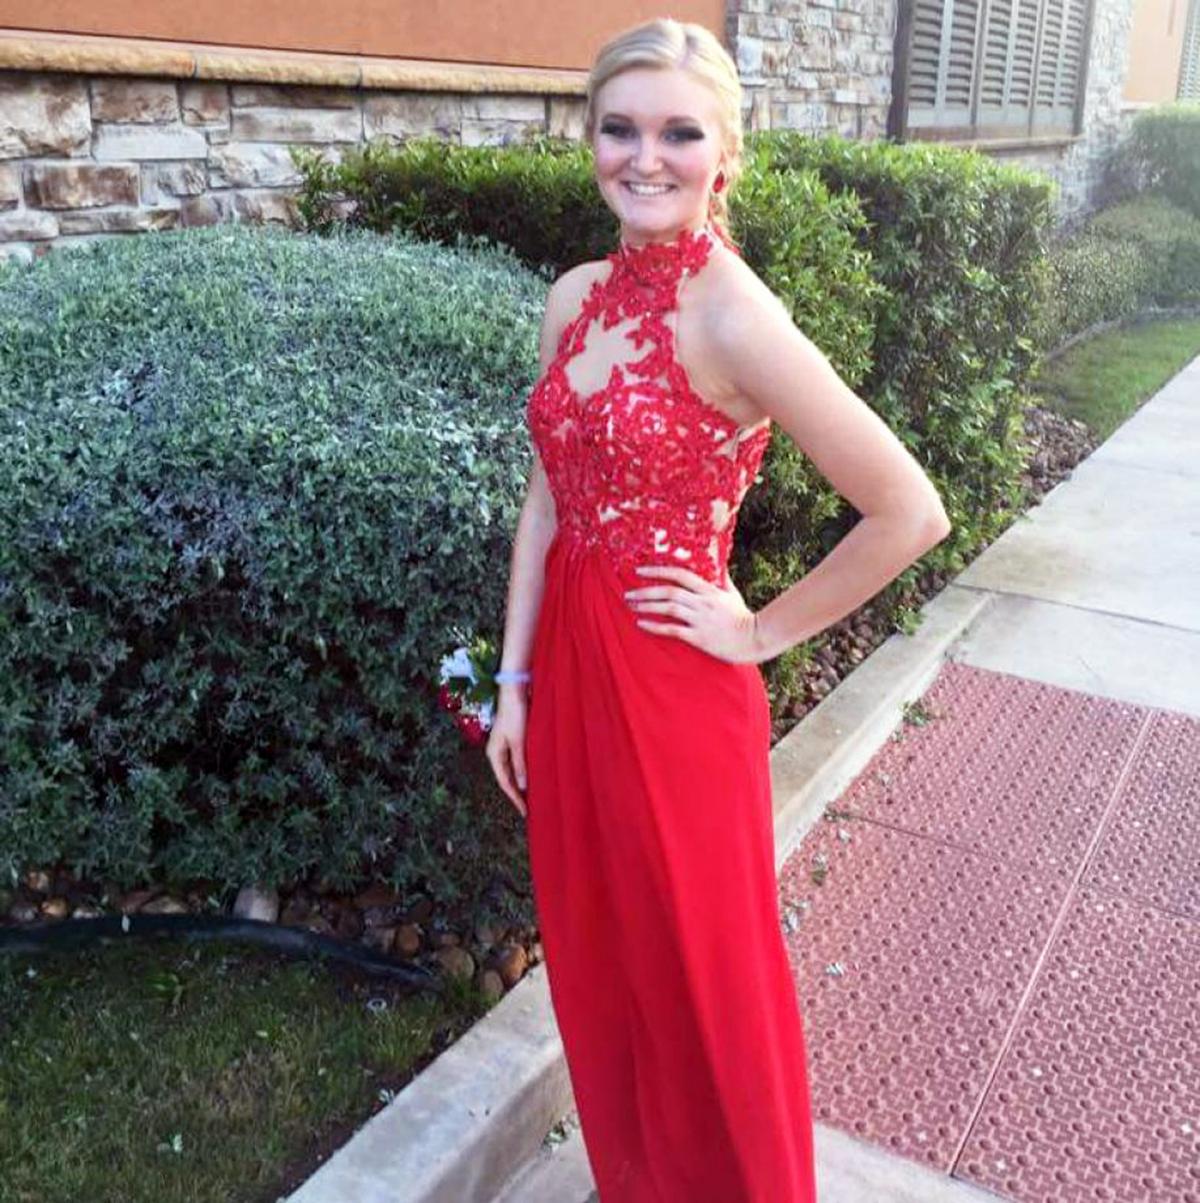 Fantastisch San Antonio Prom Kleid Läden Bilder - Brautkleider Ideen ...